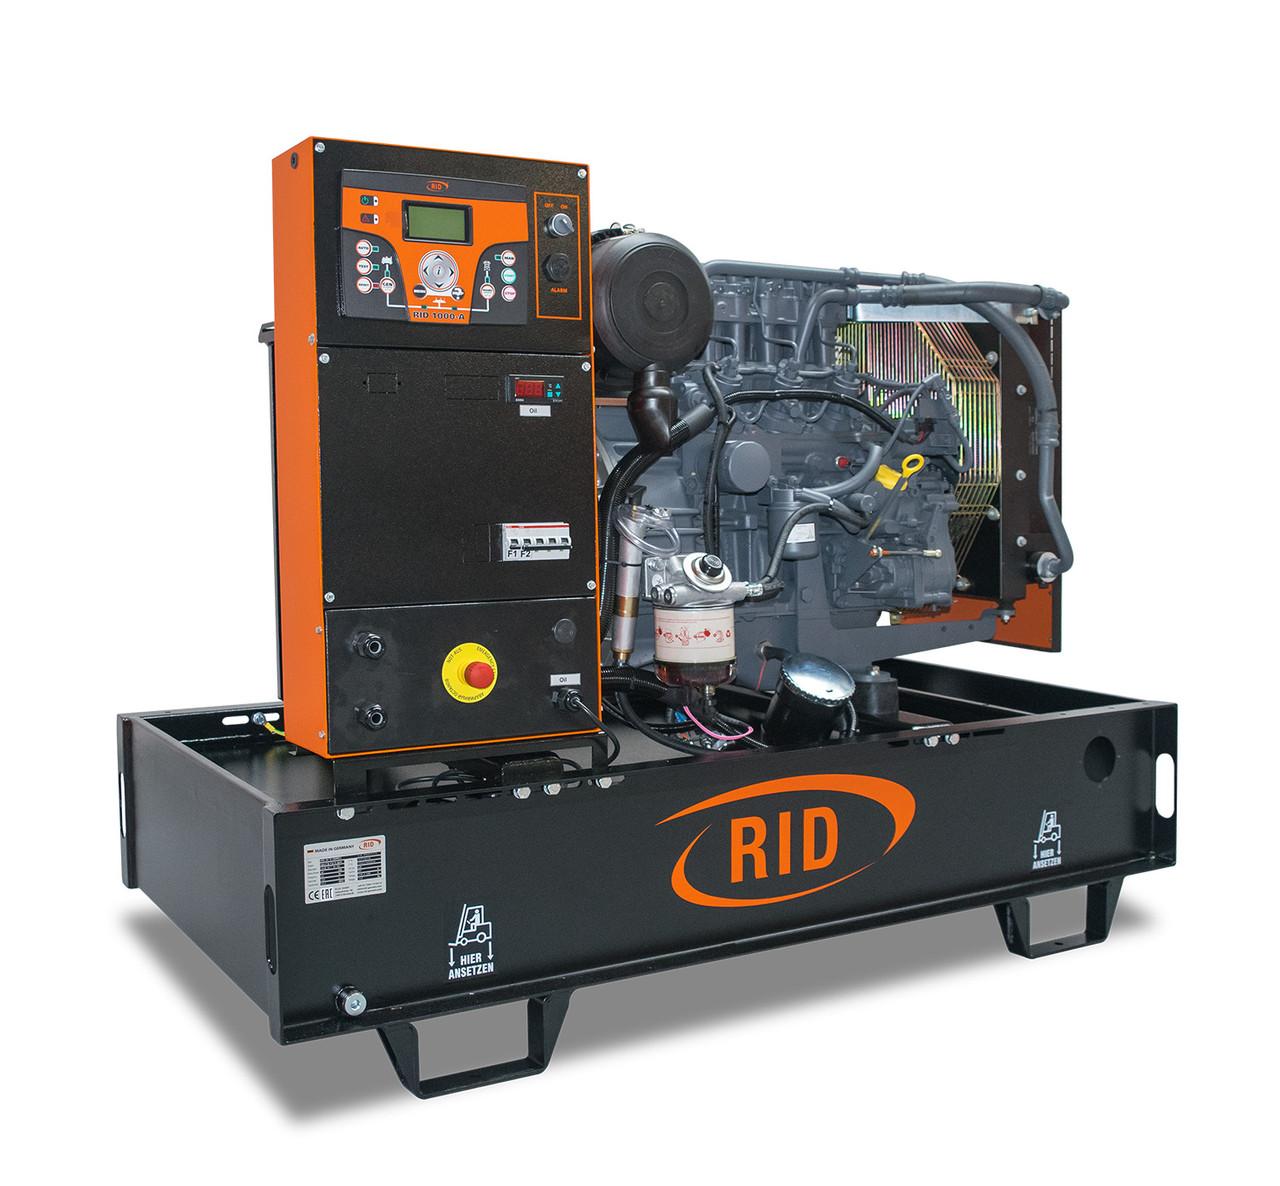 Трьохфазний дизельний генератор RID 20 S-SERIES (16 кВт) відкритий + автозапуск